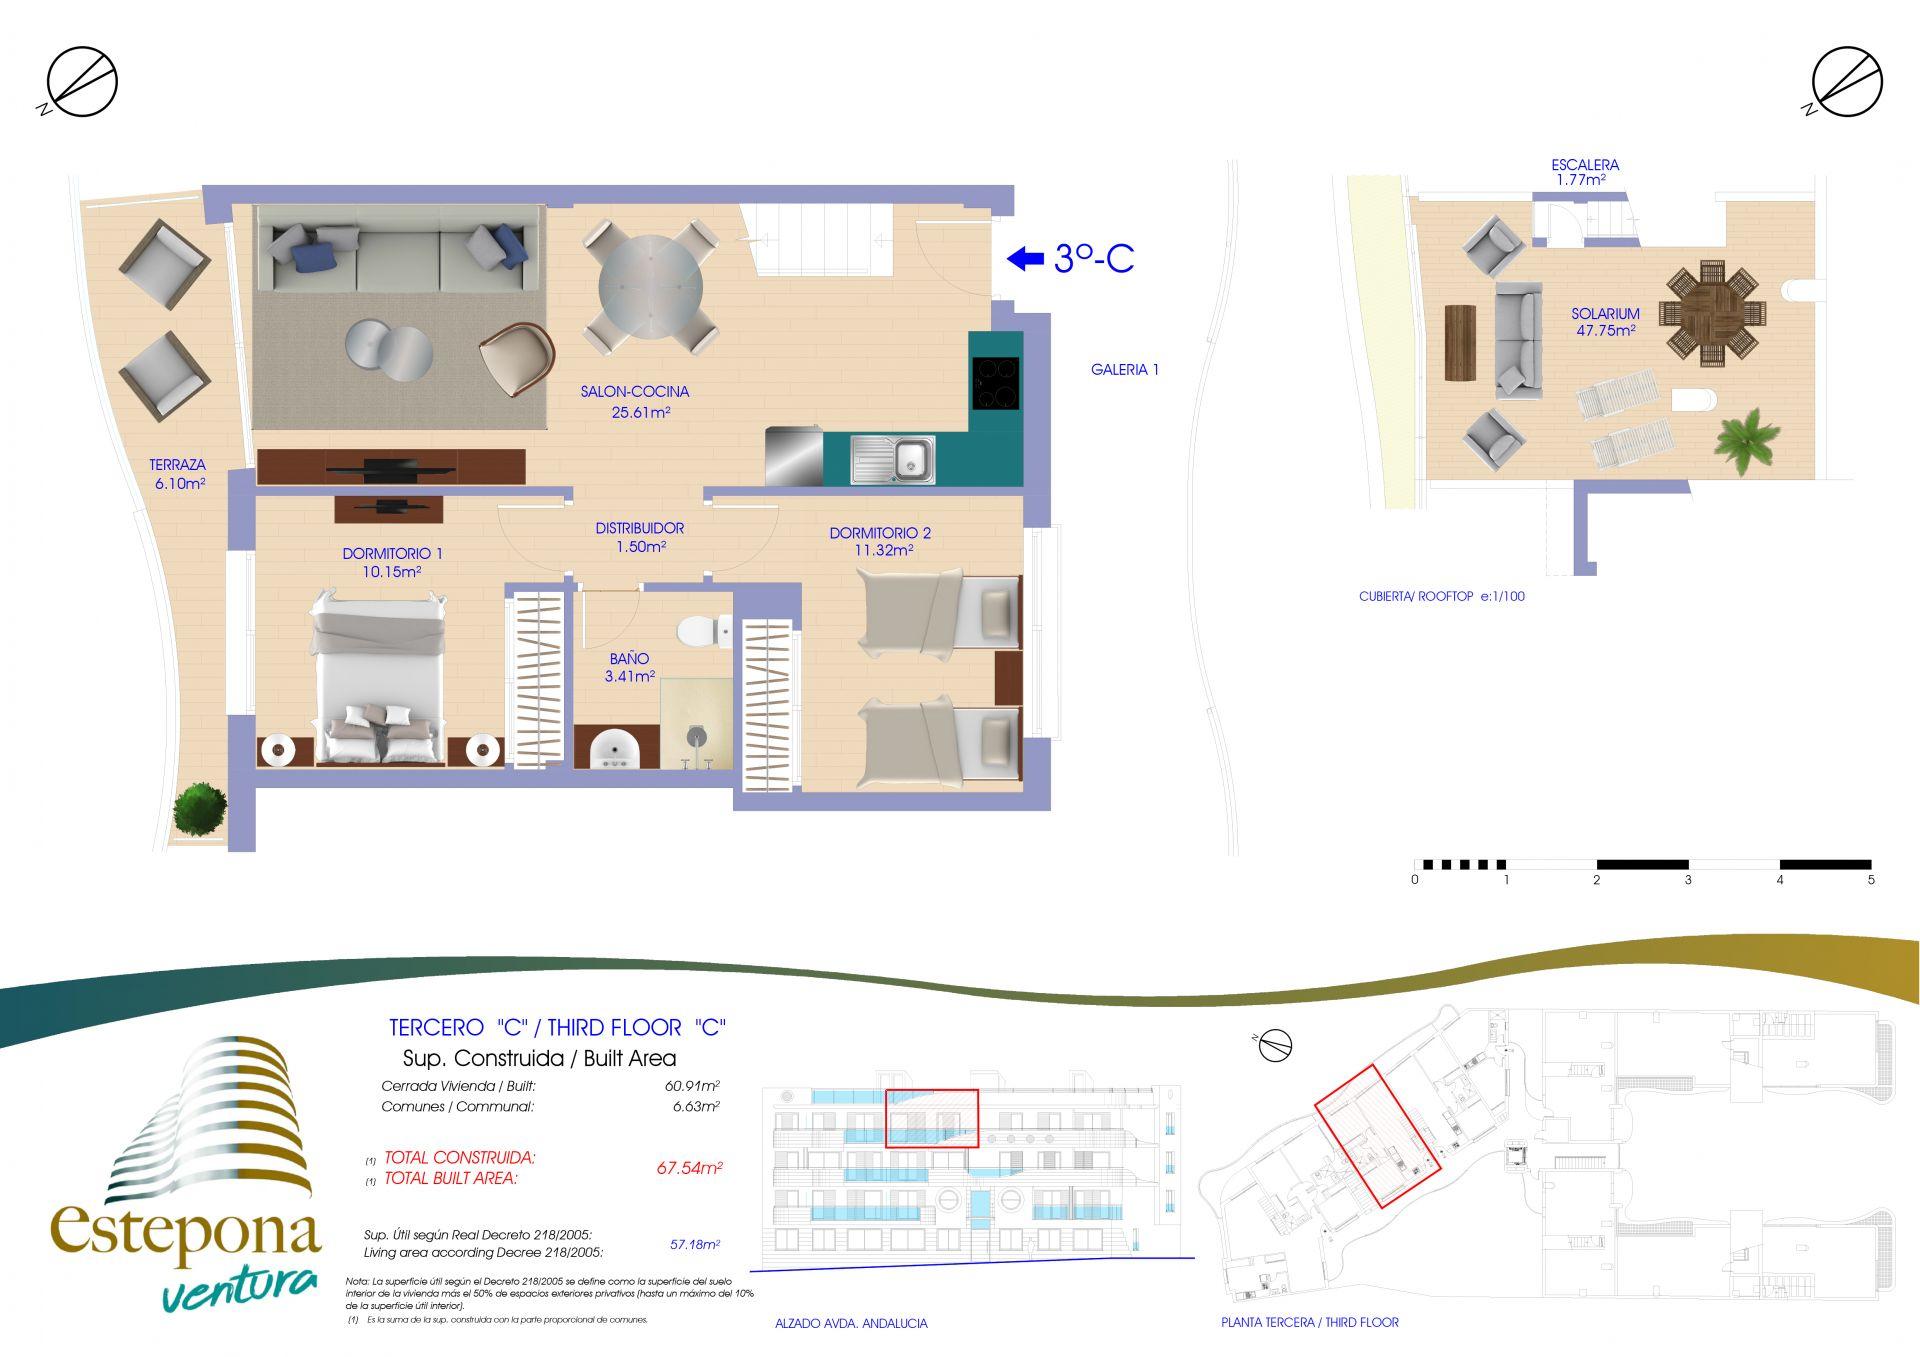 20201221 3º C  - Ventura Estepona | Compra de casa en Estepona